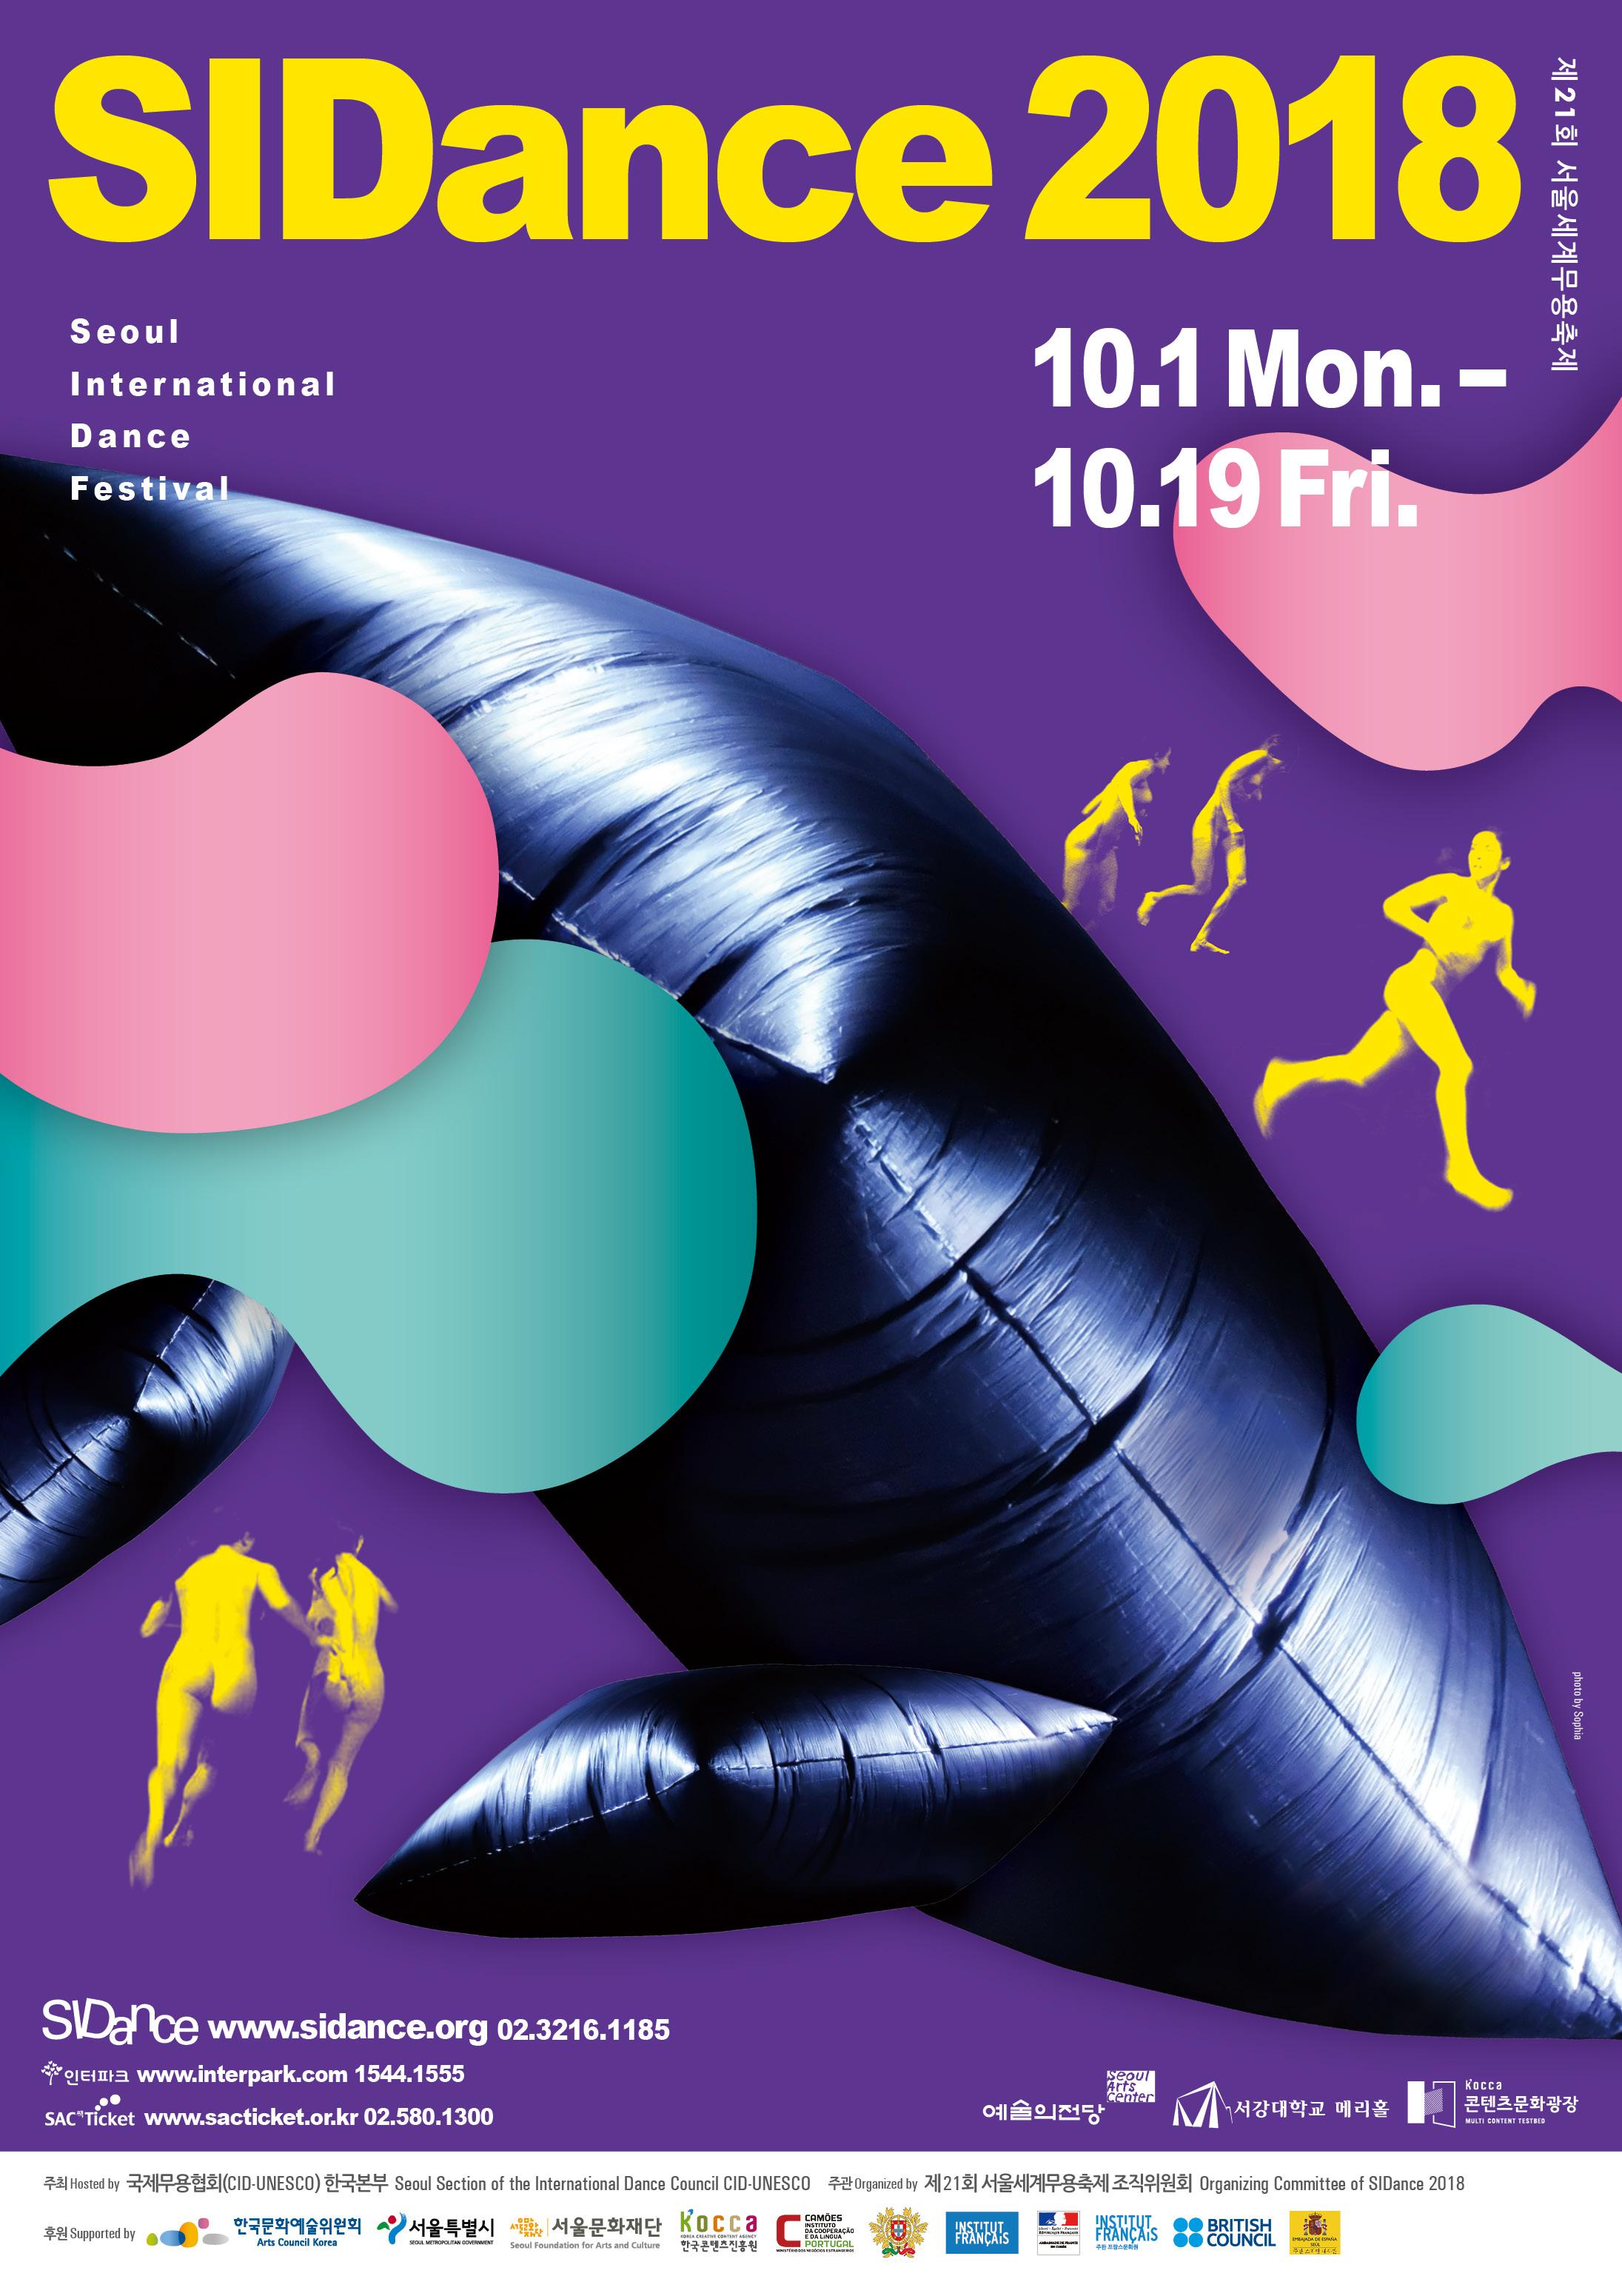 제 21회 서울세계무용축제(SIDance2018) 자원활동가 모집